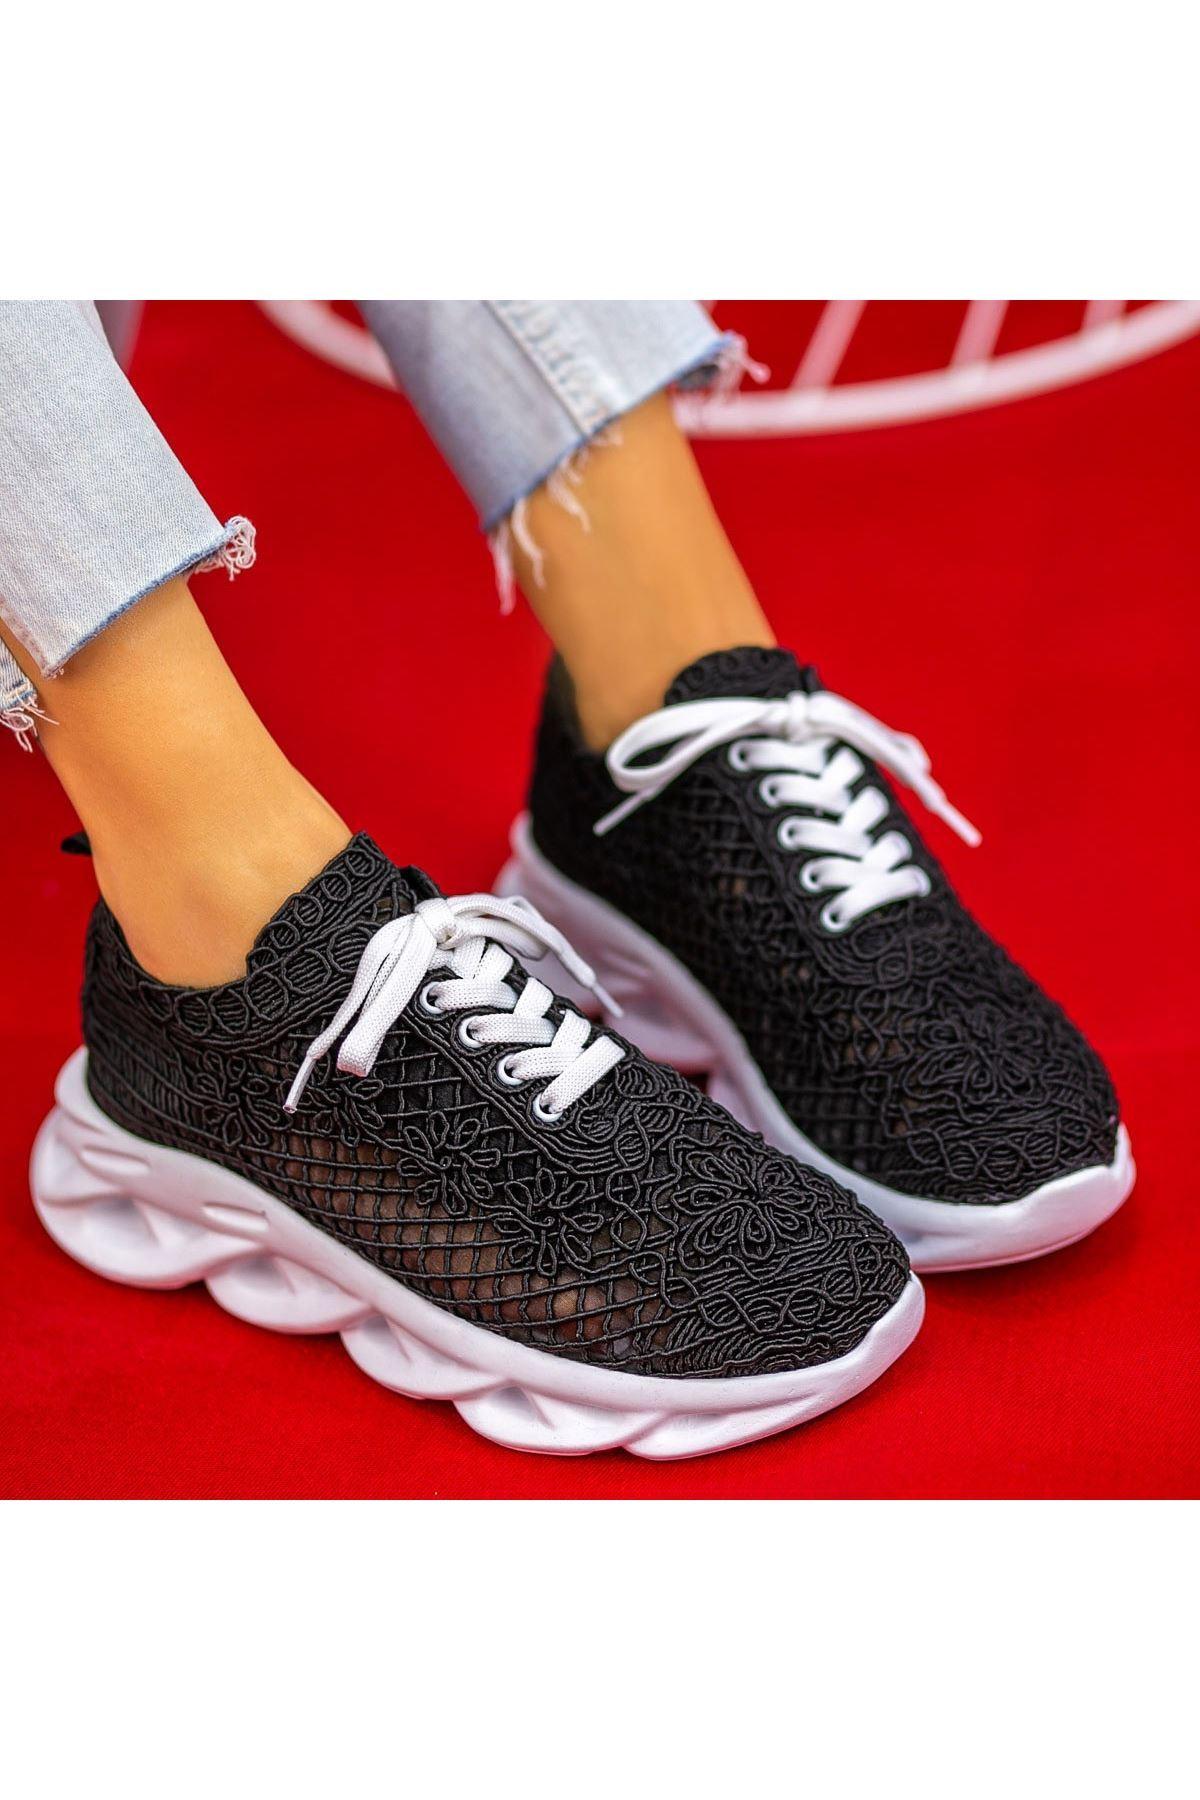 Elic Siyah Dantelli Bağcıklı Spor Ayakkabı